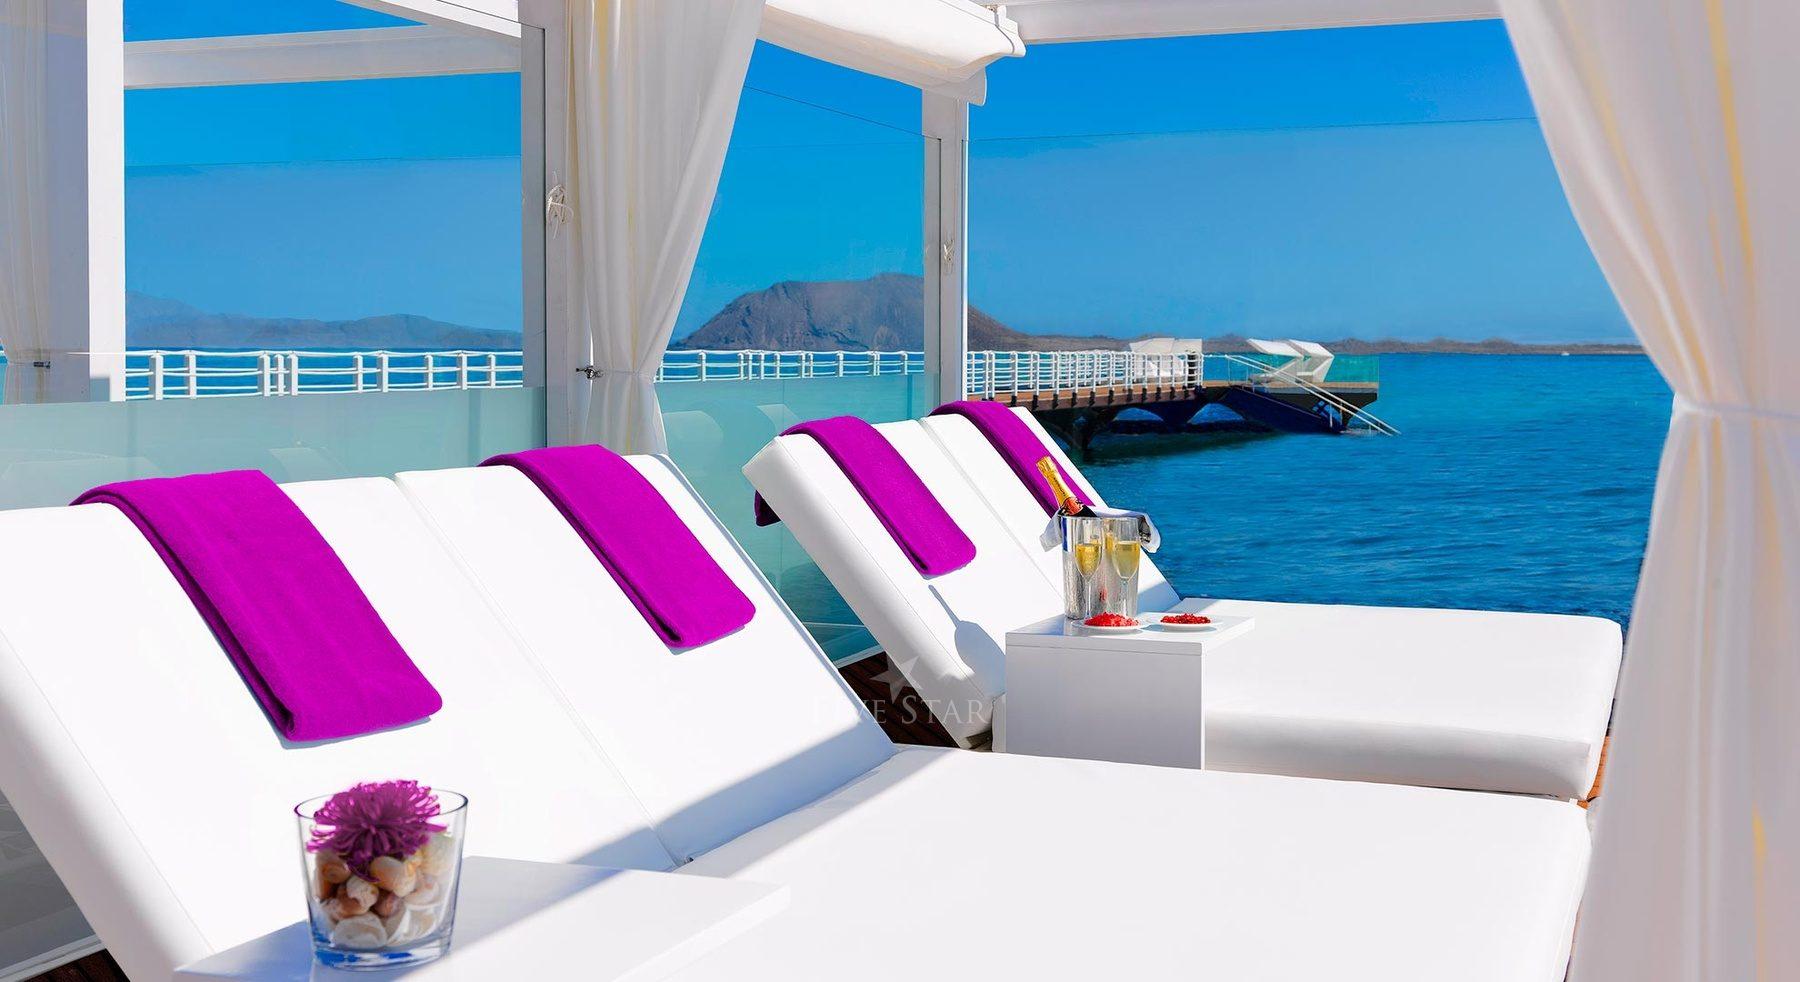 Gran Hotel Atlantis Bahia Real photo 3